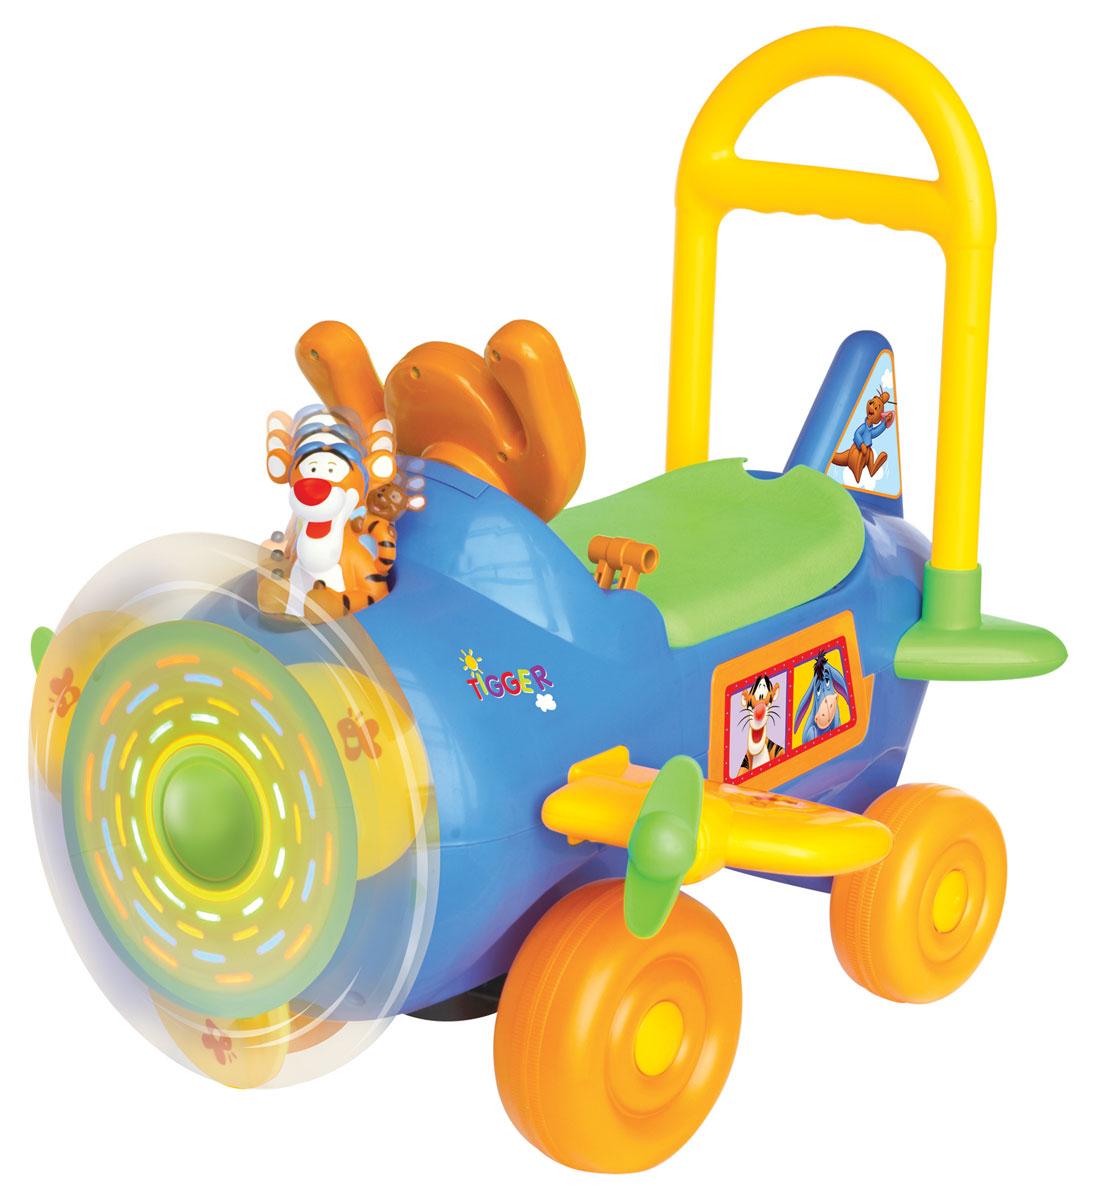 Тигруля подпрыгивает под музыку вместе с крошкой Ру! Послушайте, как Тигруля играет свою любимую музыку и другие приятные мелодии. Нажмите, чтобы услышать звук радио. Светящийся пропеллер. Настоящие звуки взлета и посадки. Поворачивайте ключ зажигания и переключайте передачи, чтобы услышать звук двигателя, который набирает обороты.